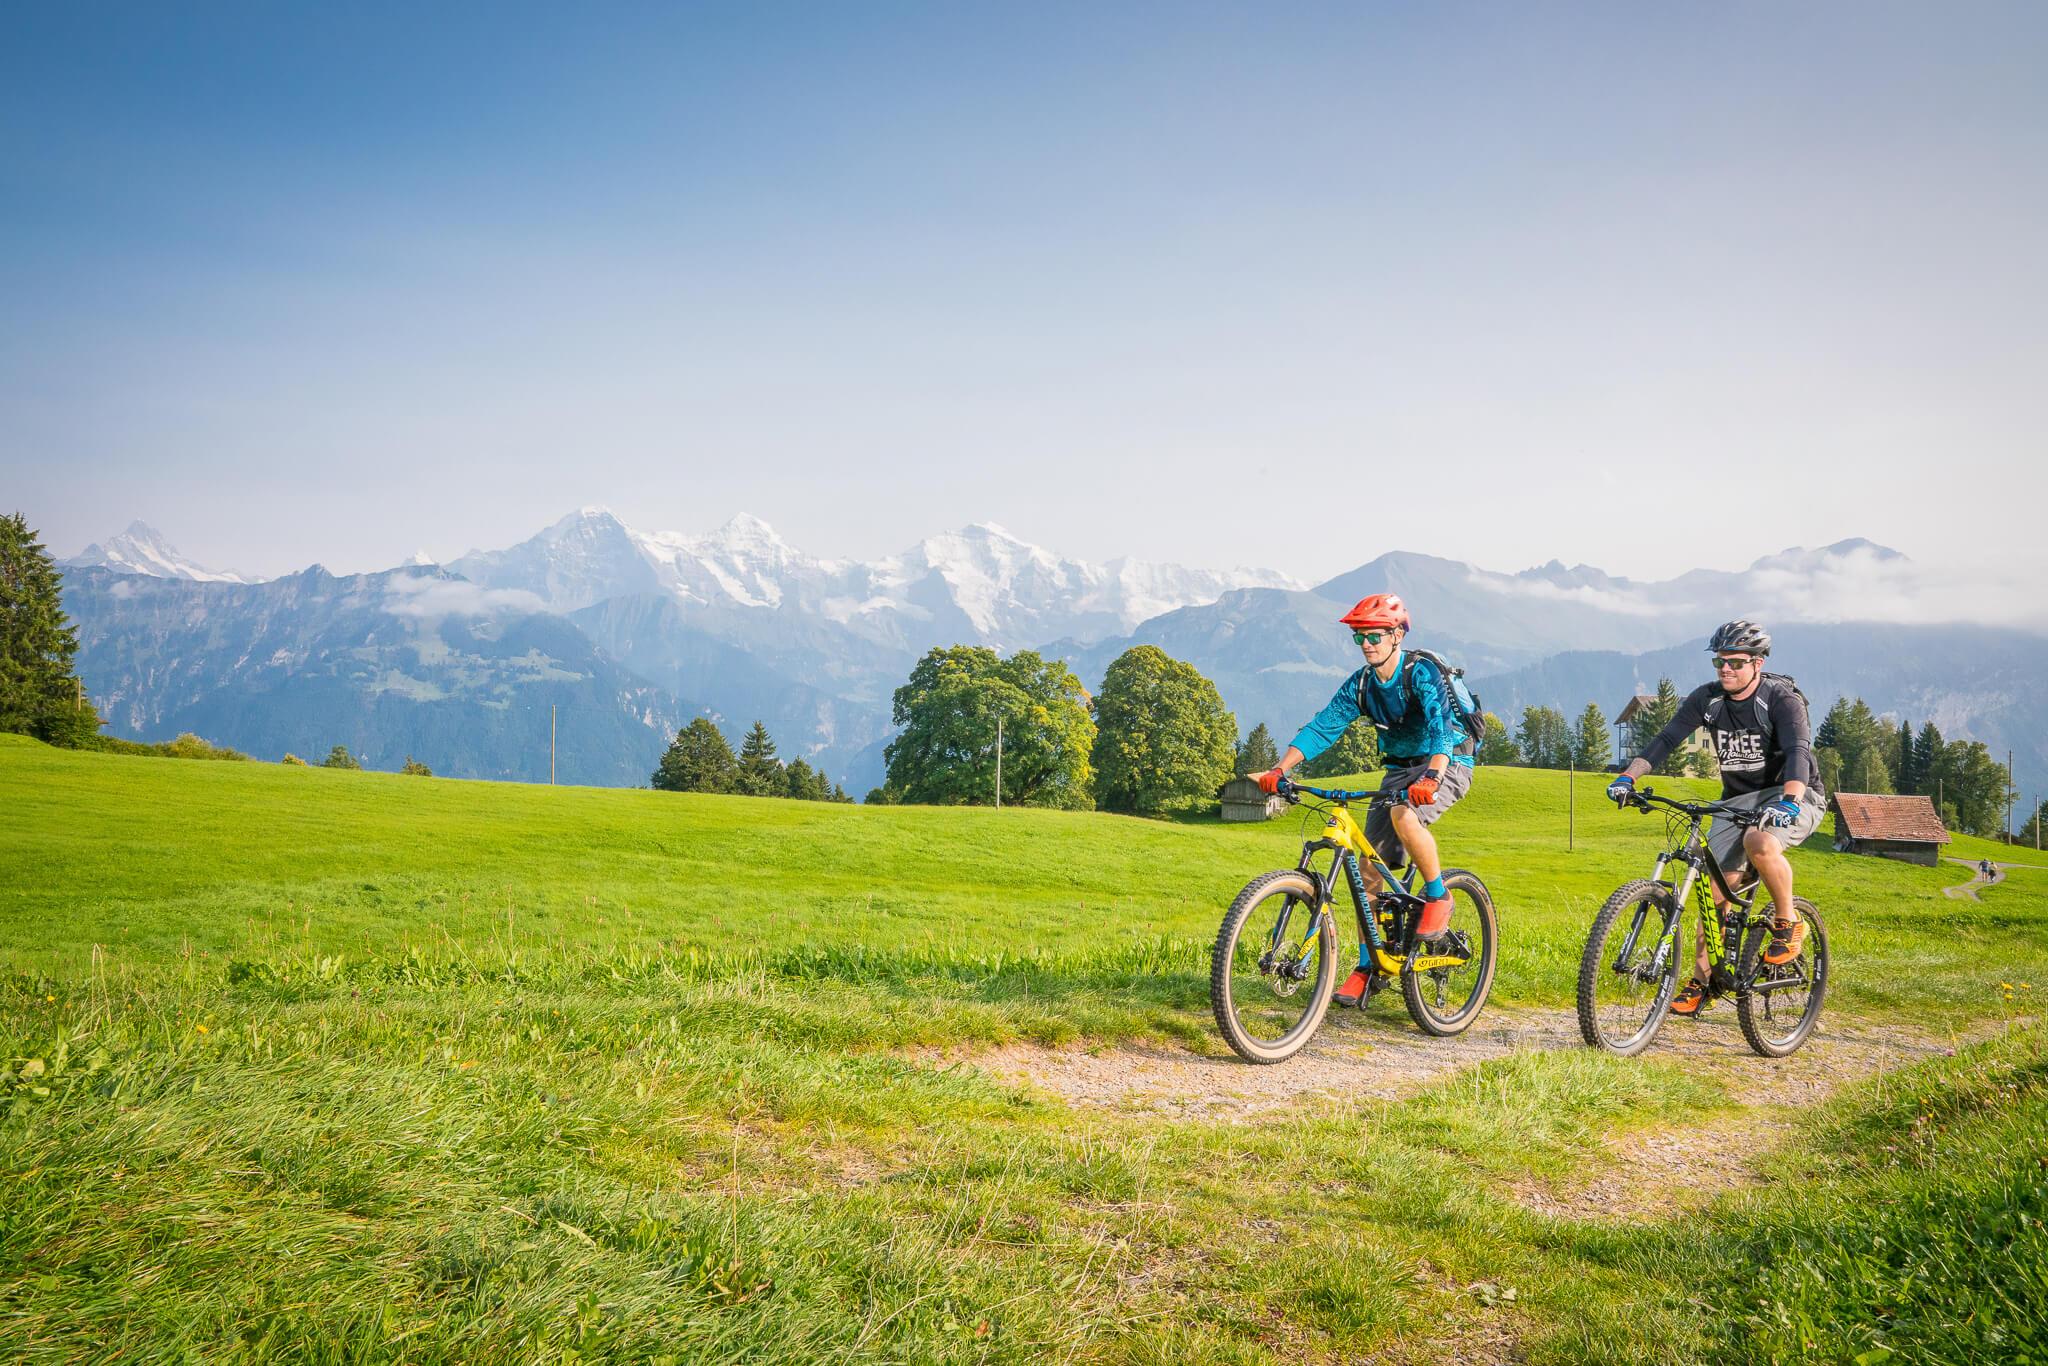 velo-mountainbike-beatenberg (4).jpg